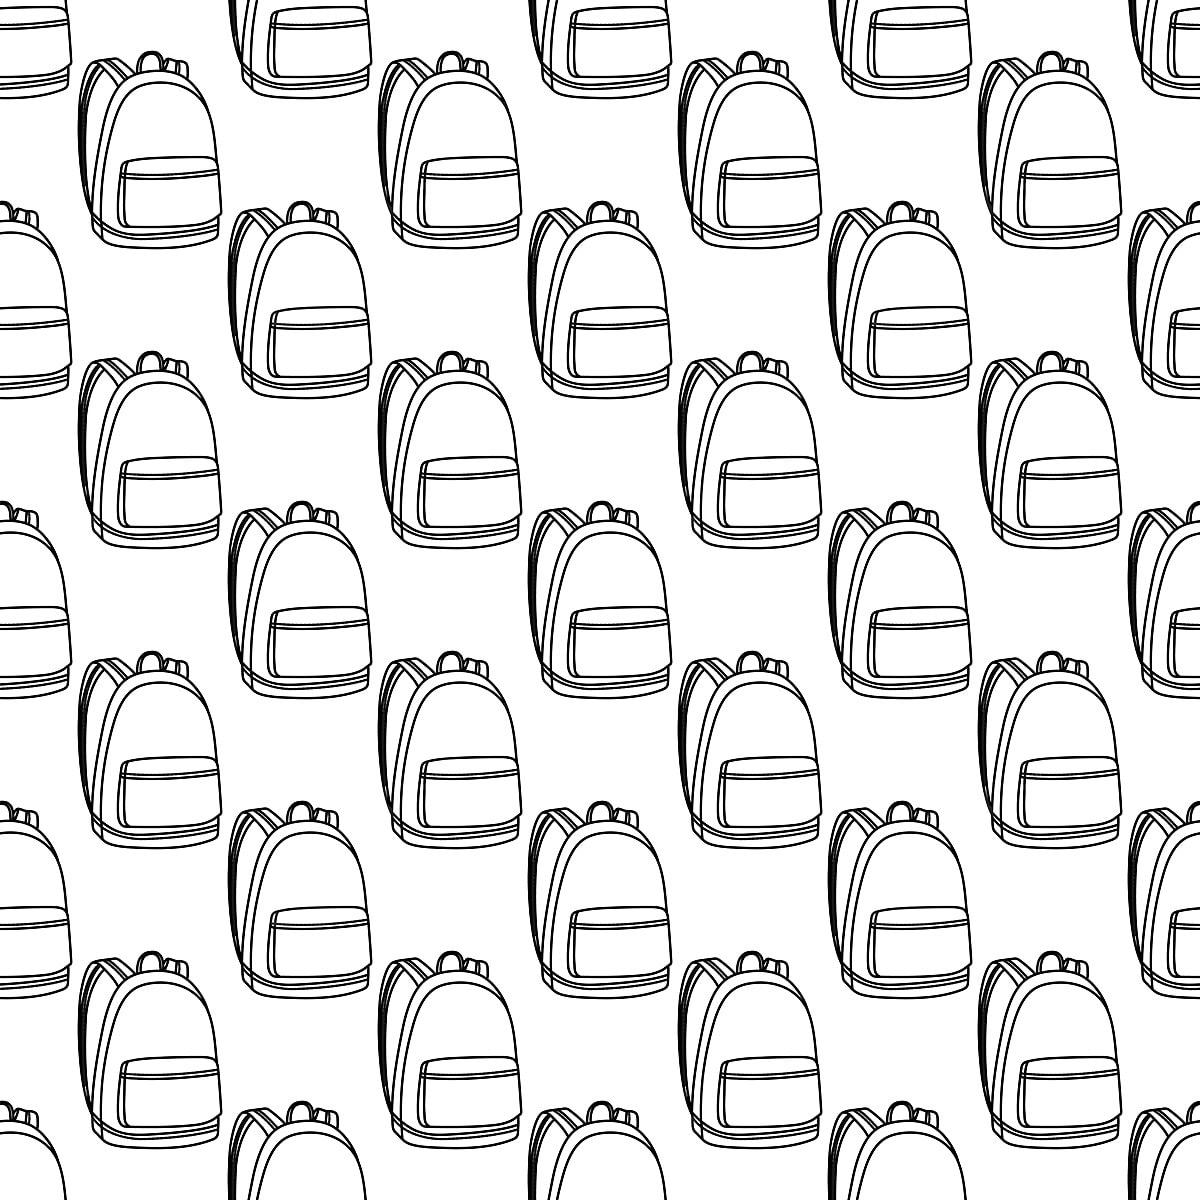 Rucksack Weiße Schule Nahtloser Muster Illustration Papier